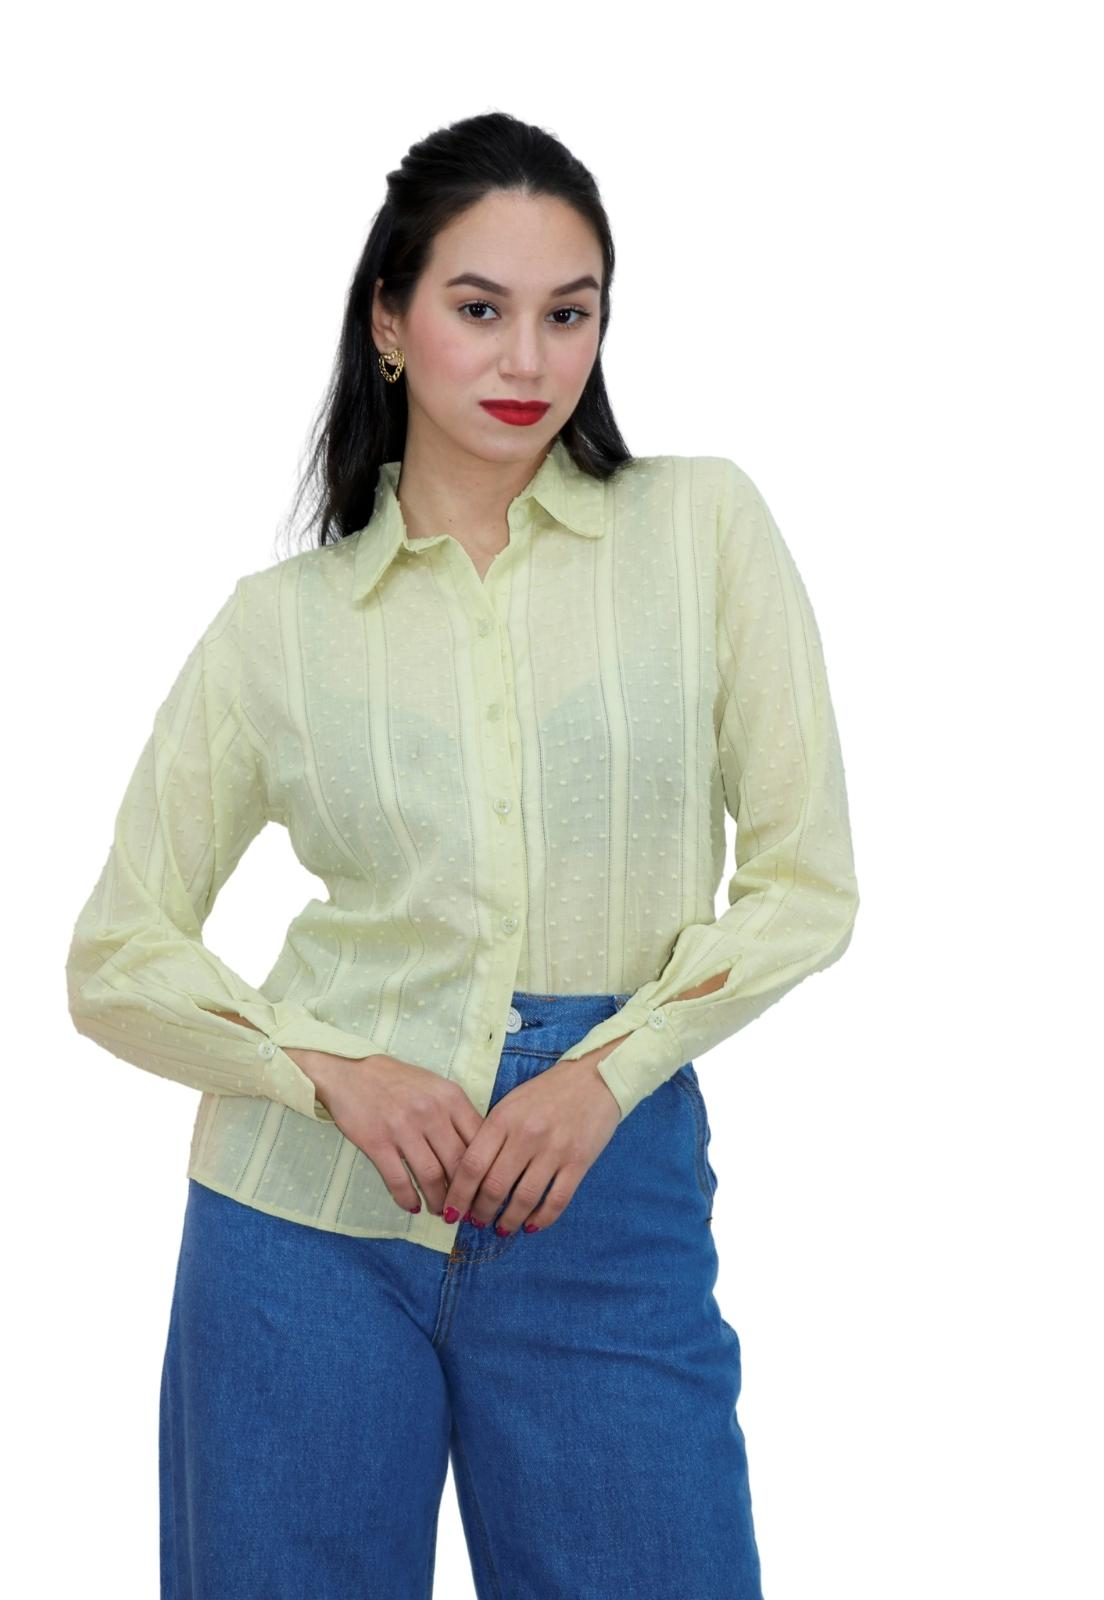 Camisa Feminina Alongada Chiffon Poá